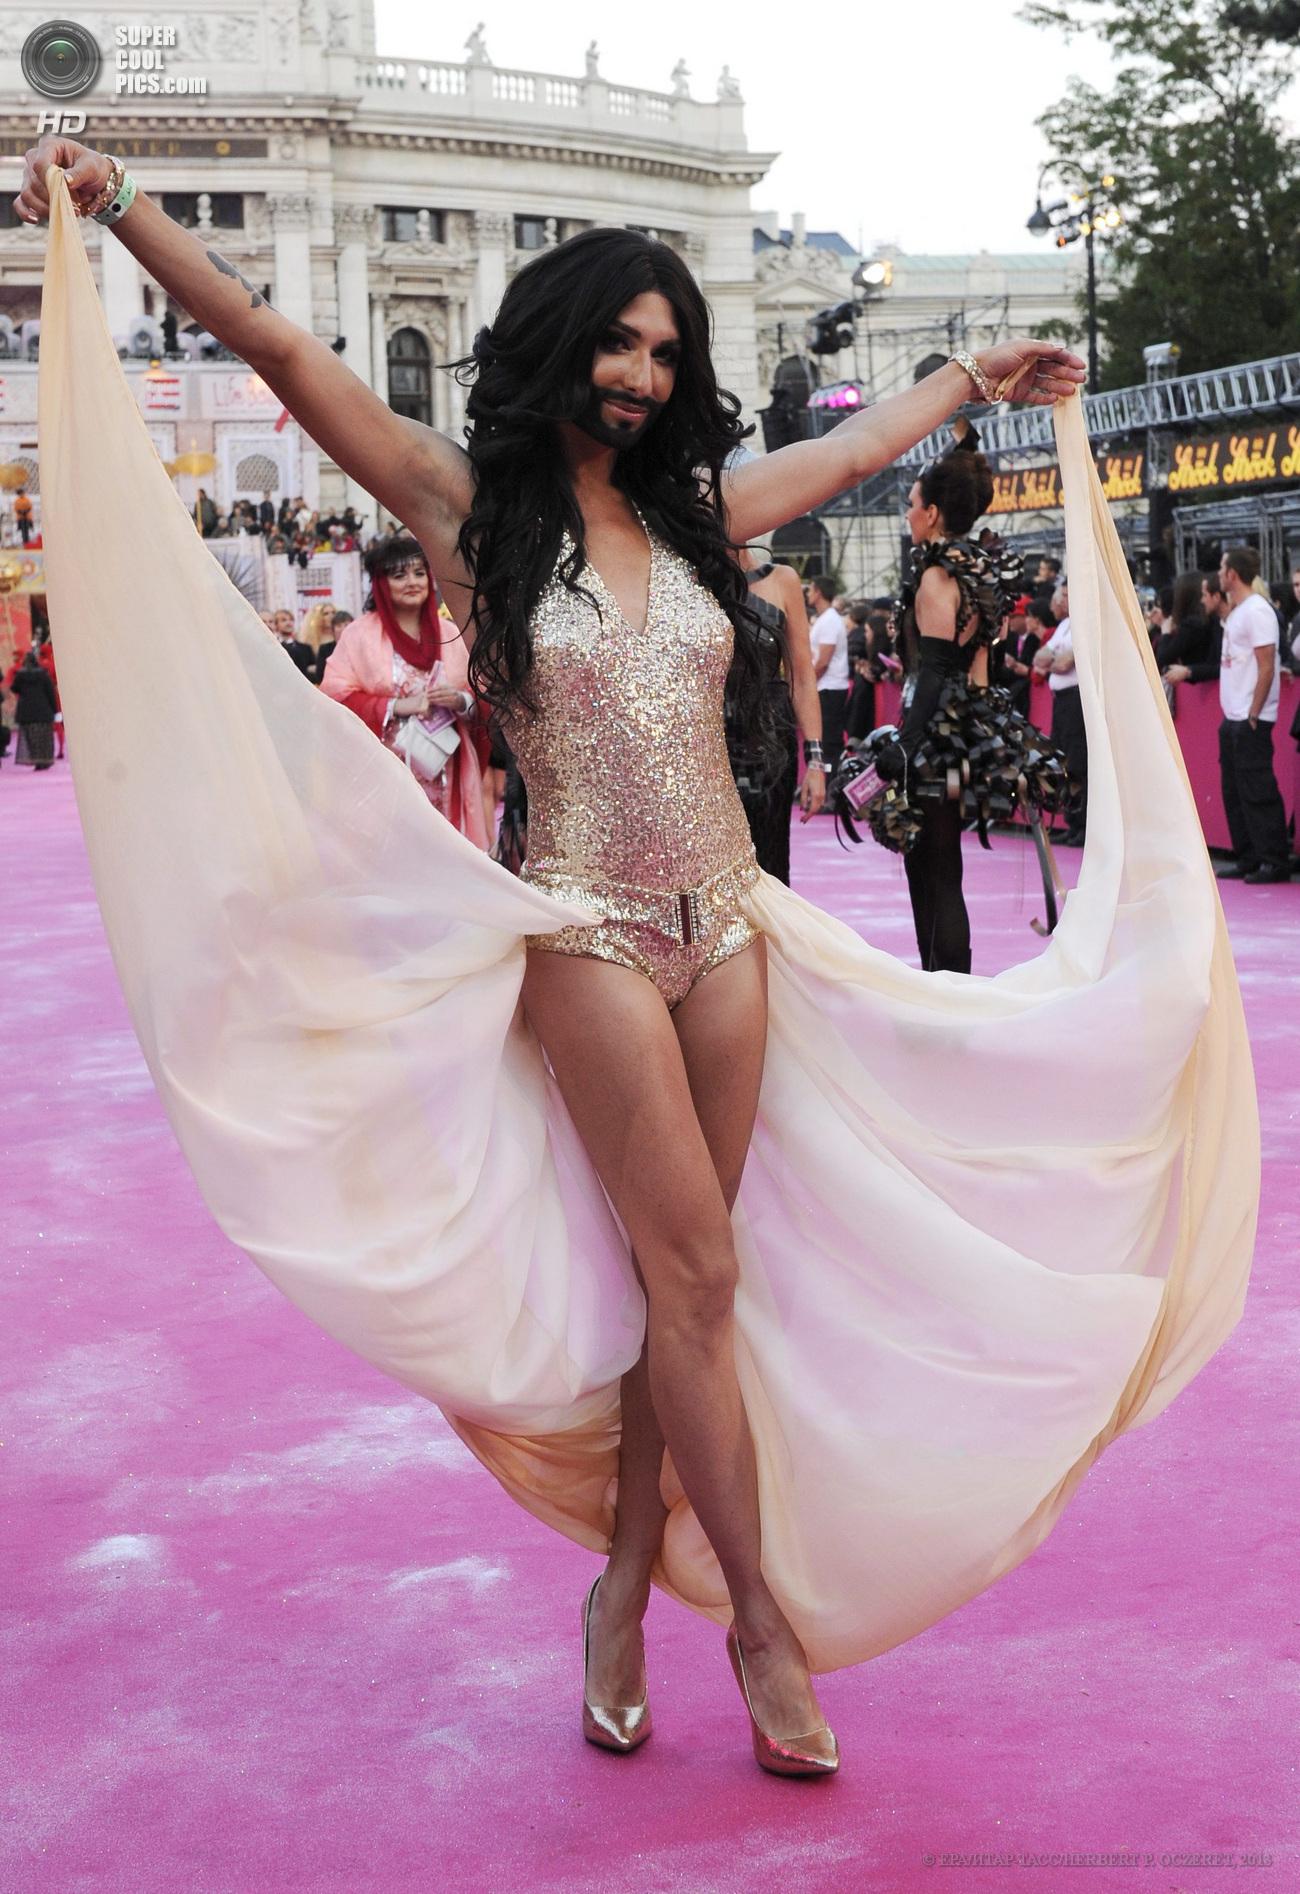 Трансвестит личная страничка 13 фотография